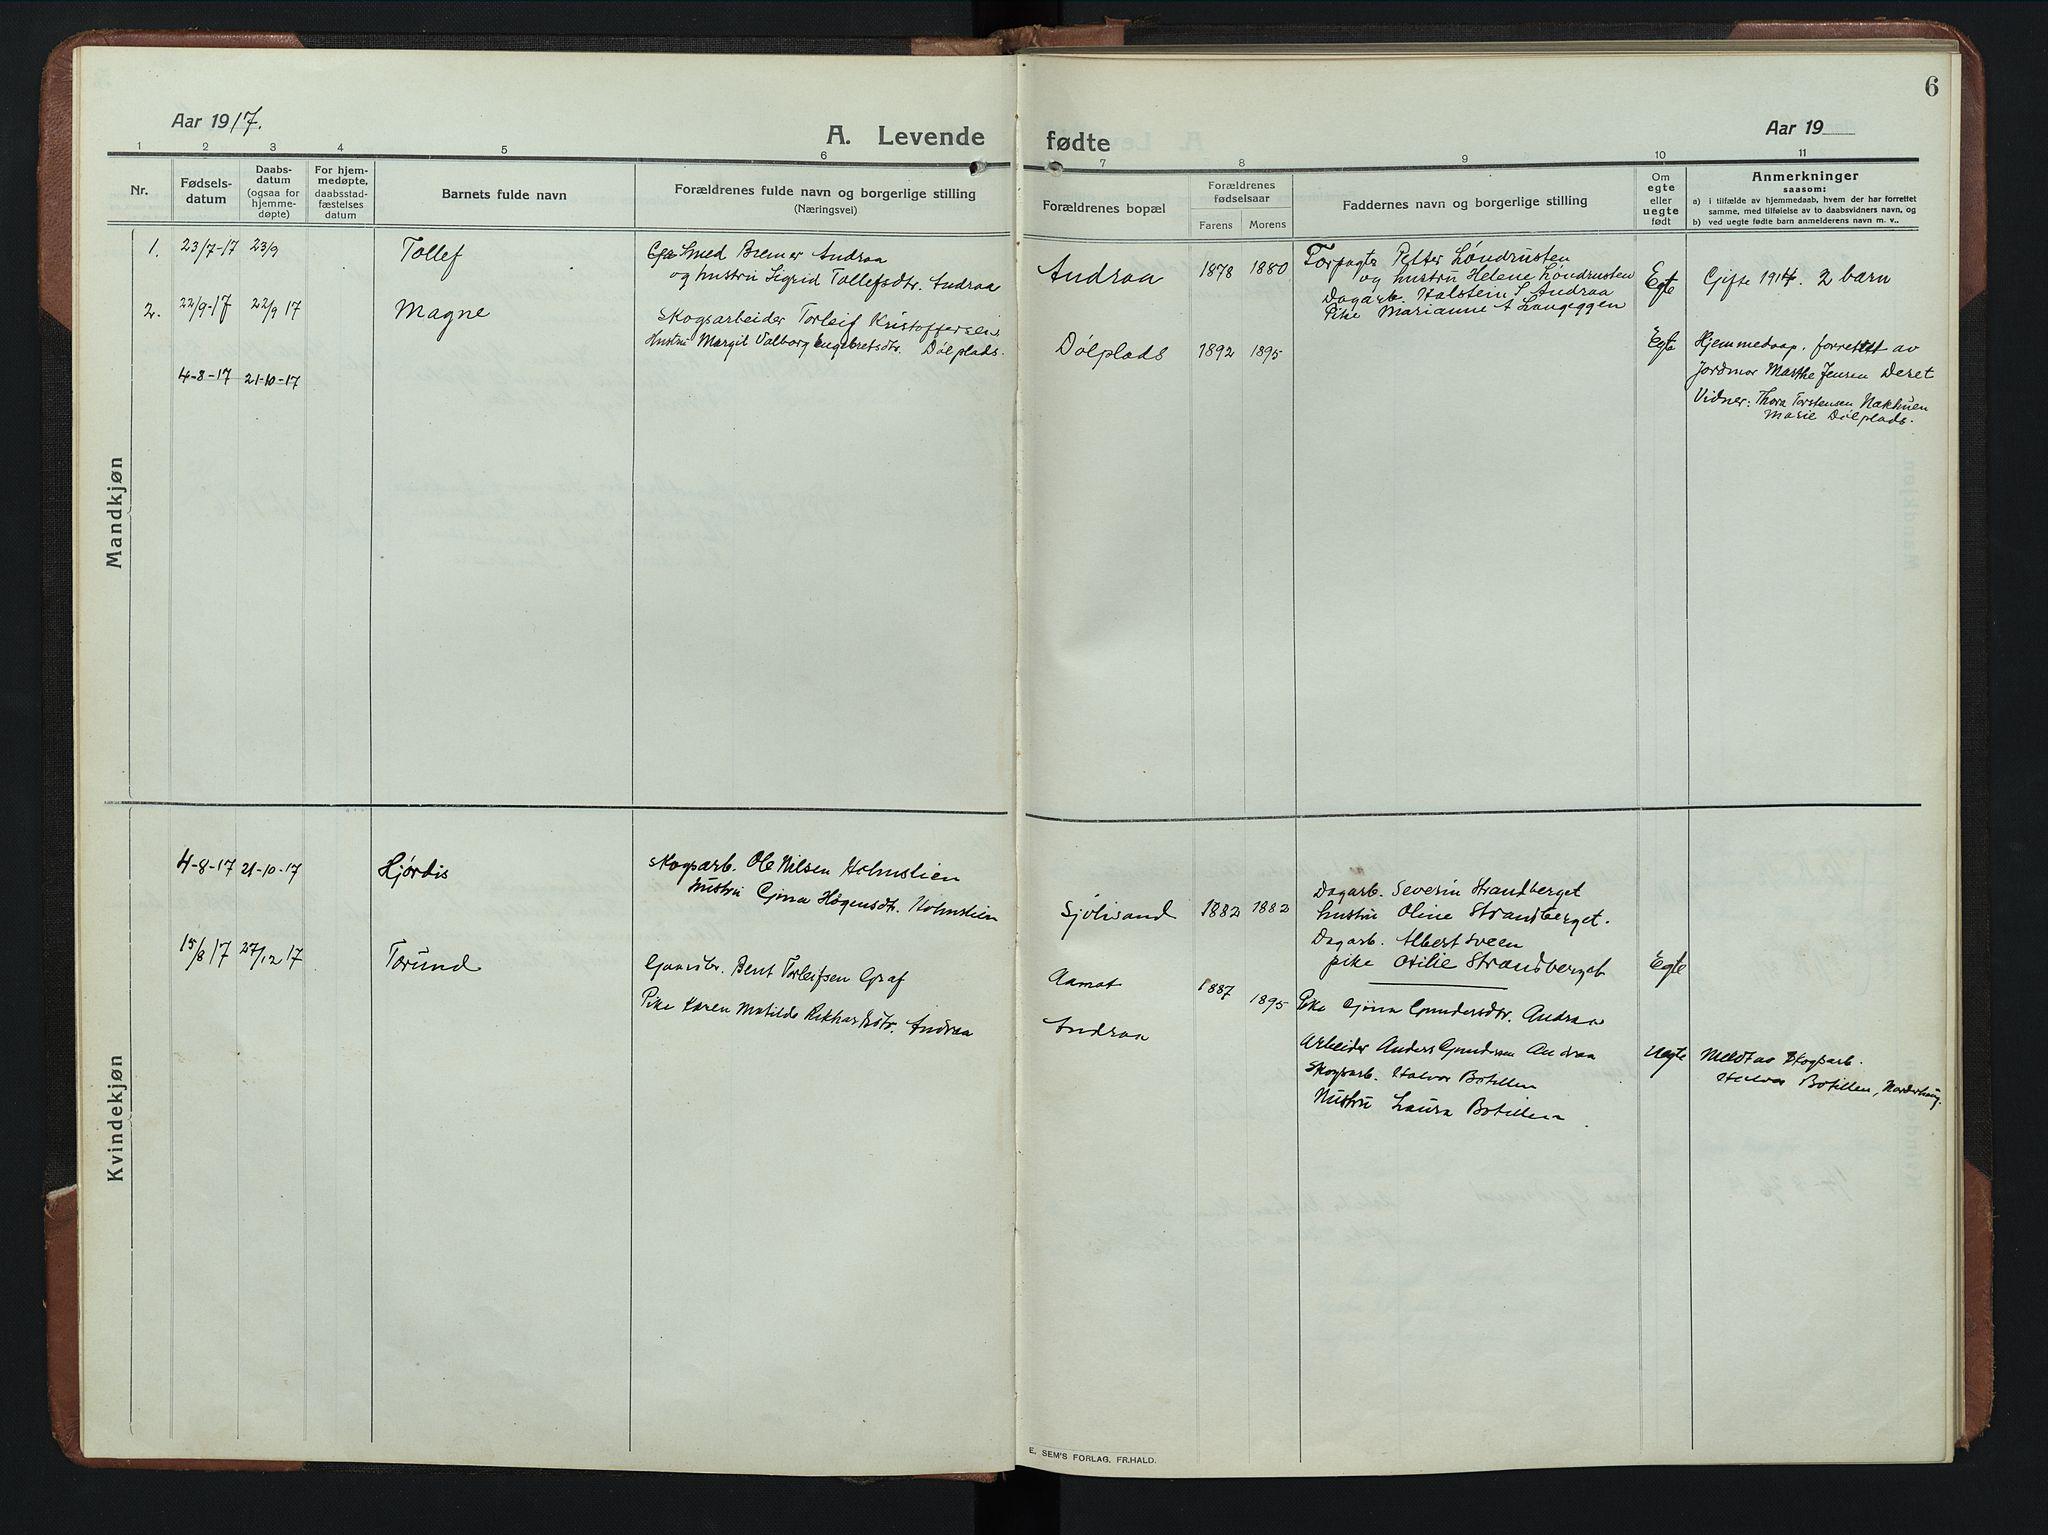 SAH, Rendalen prestekontor, H/Ha/Hab/L0008: Klokkerbok nr. 8, 1914-1948, s. 6